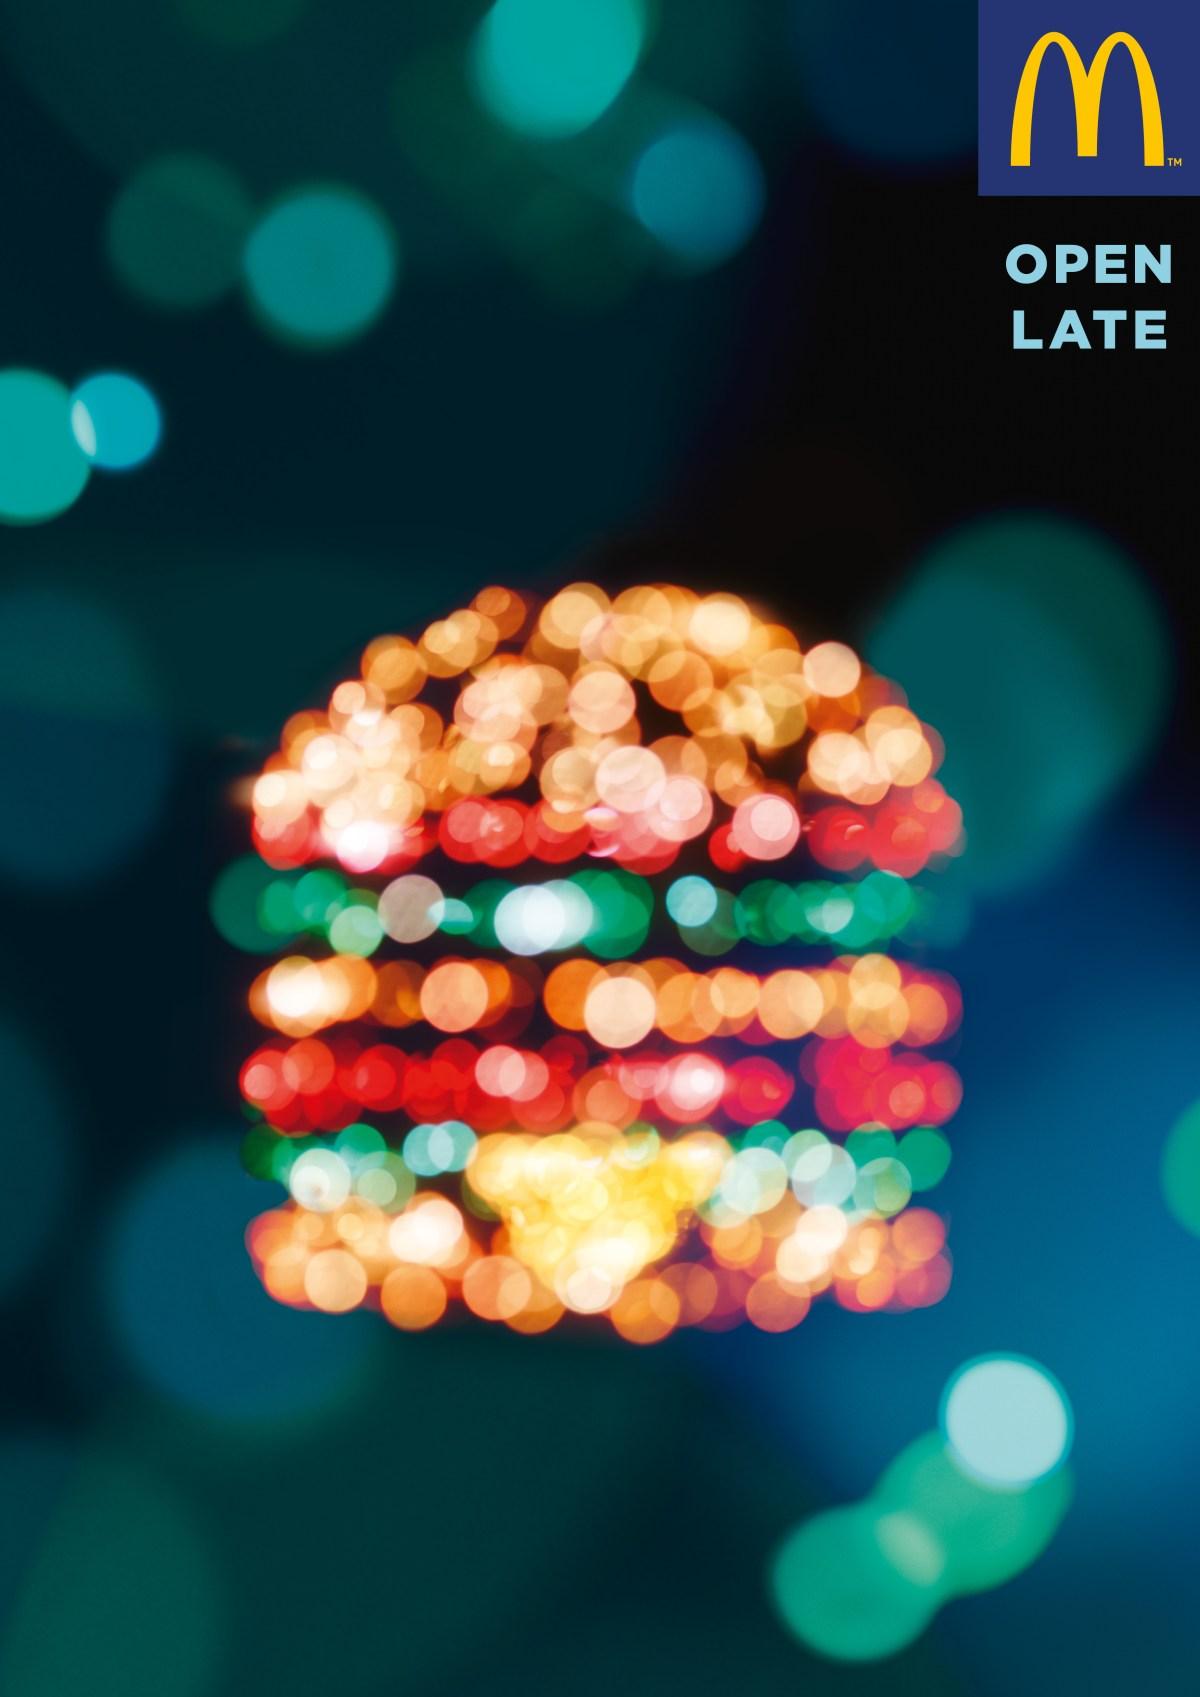 LEDs iluminam novos cartazes do McDonald's